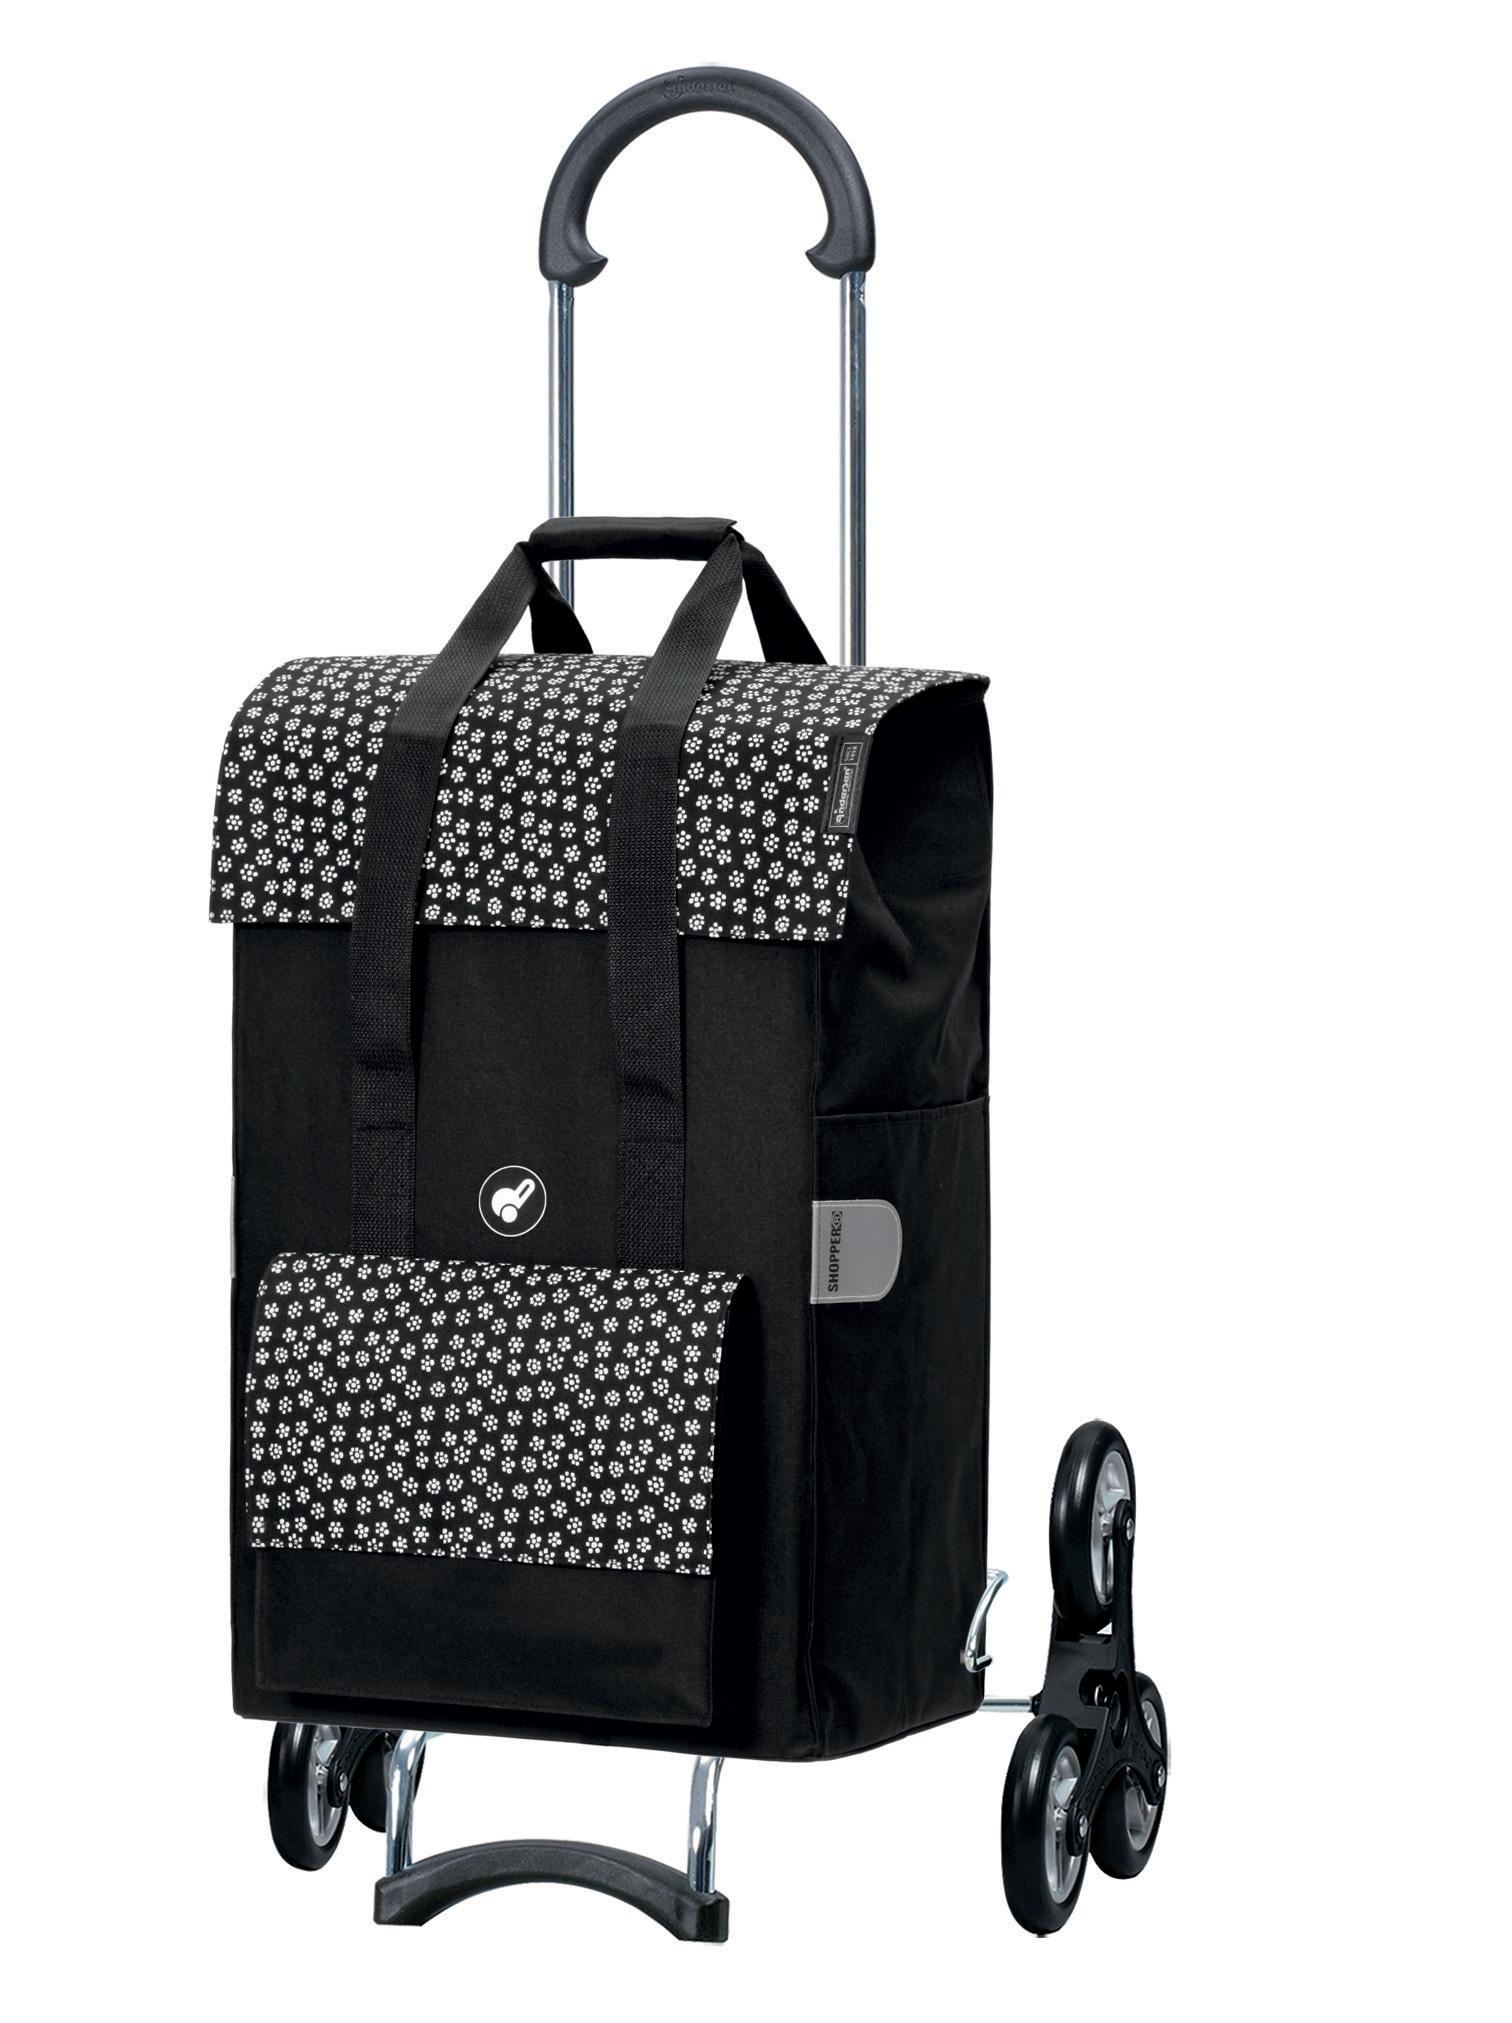 Andersen Einkaufstrolley Treppensteiger Scala Shopper Jara, MADE IN GERMANY, 51 Liter | Taschen > Handtaschen > Einkaufstasche | Andersen